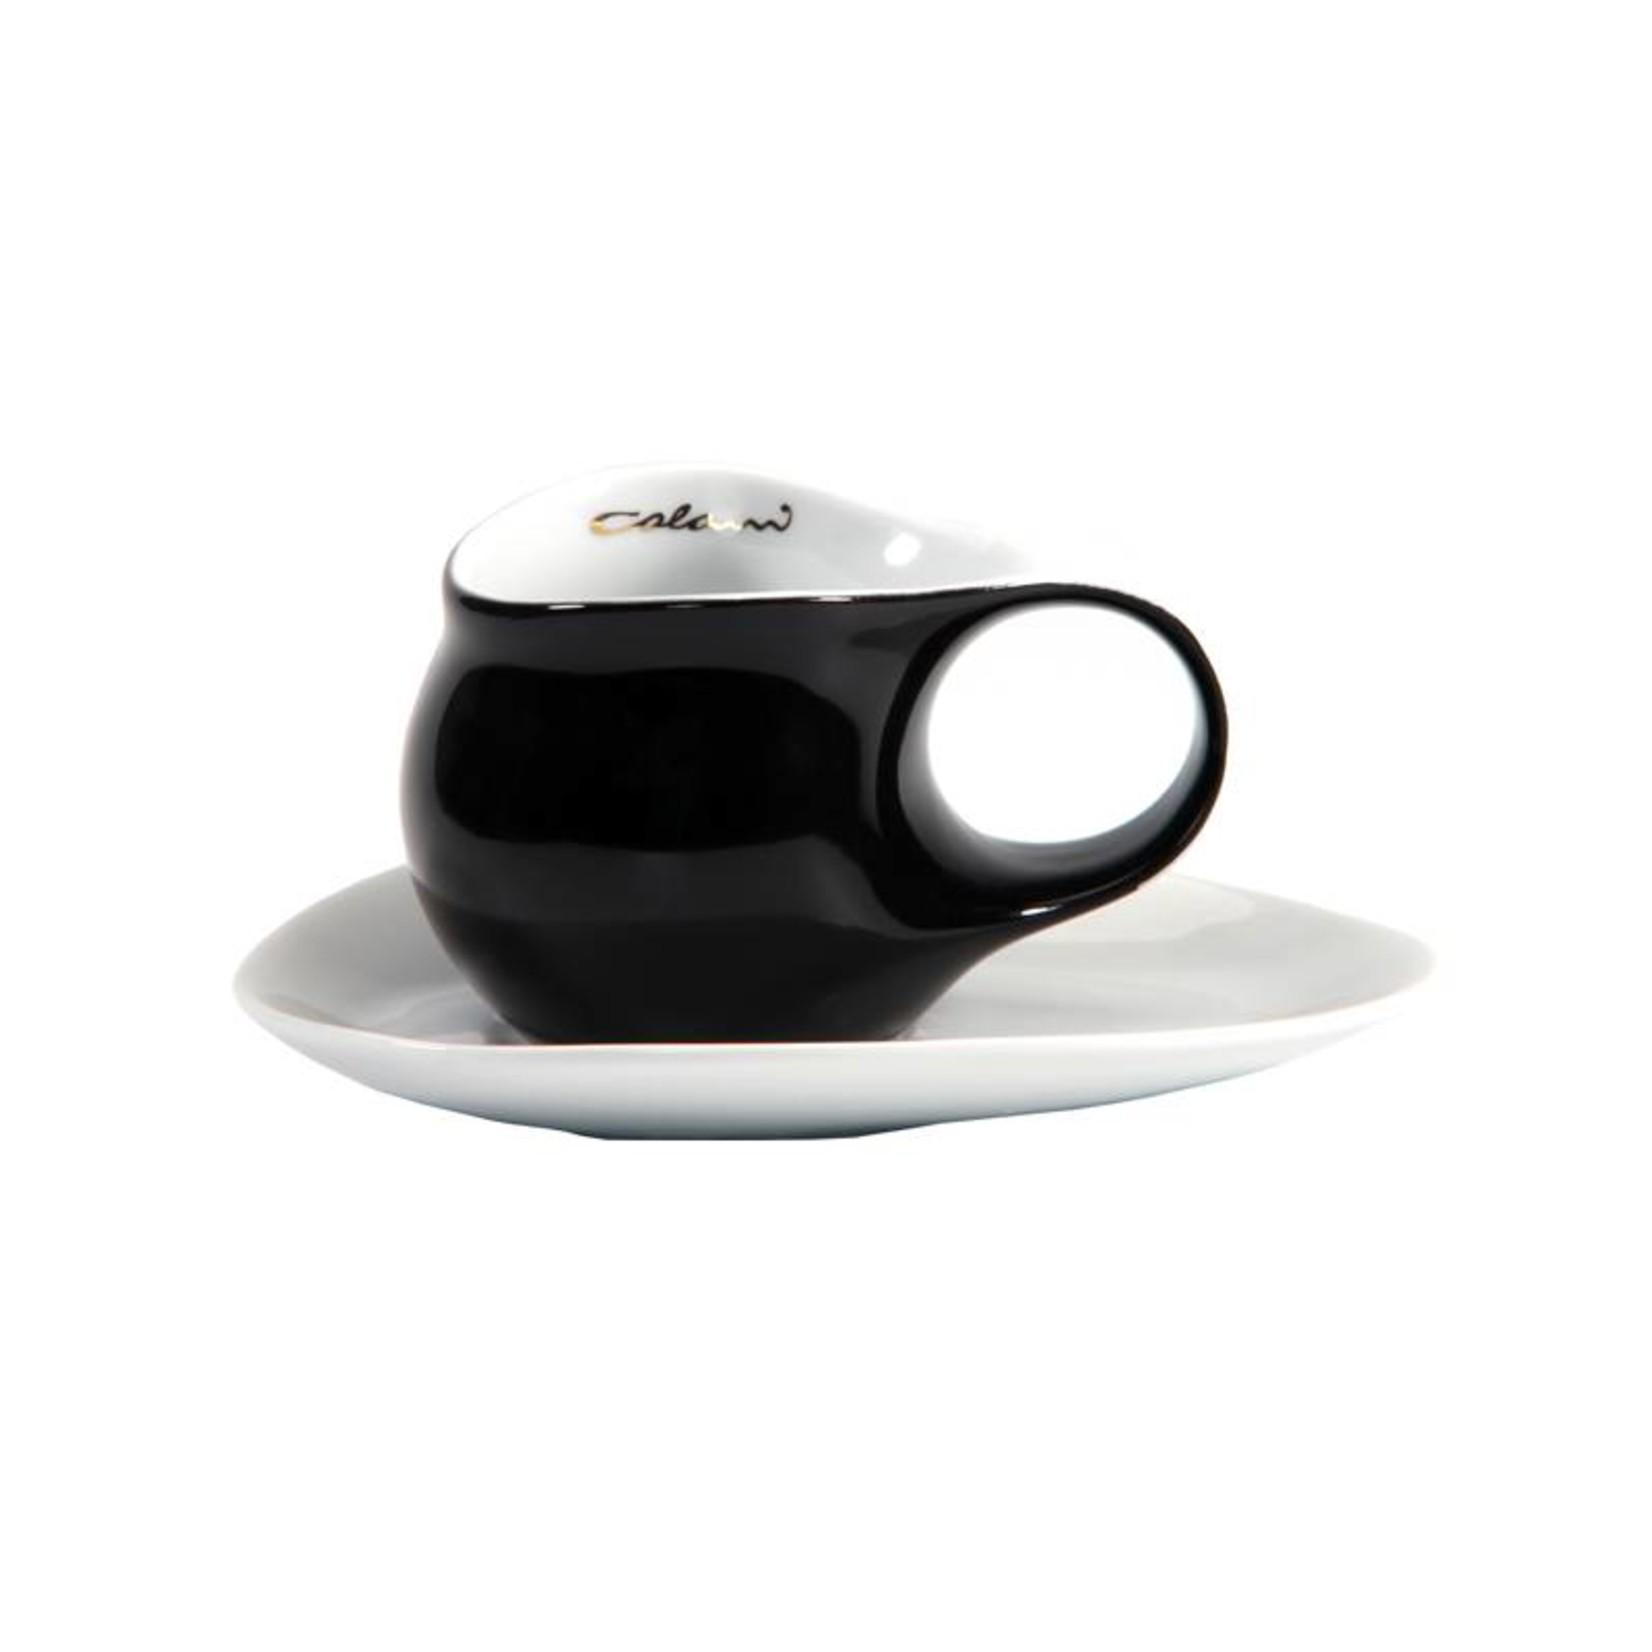 Colani Porzellanserie Colani Espressotasse, groß | Tasse inkl. Unterteller | schwarz